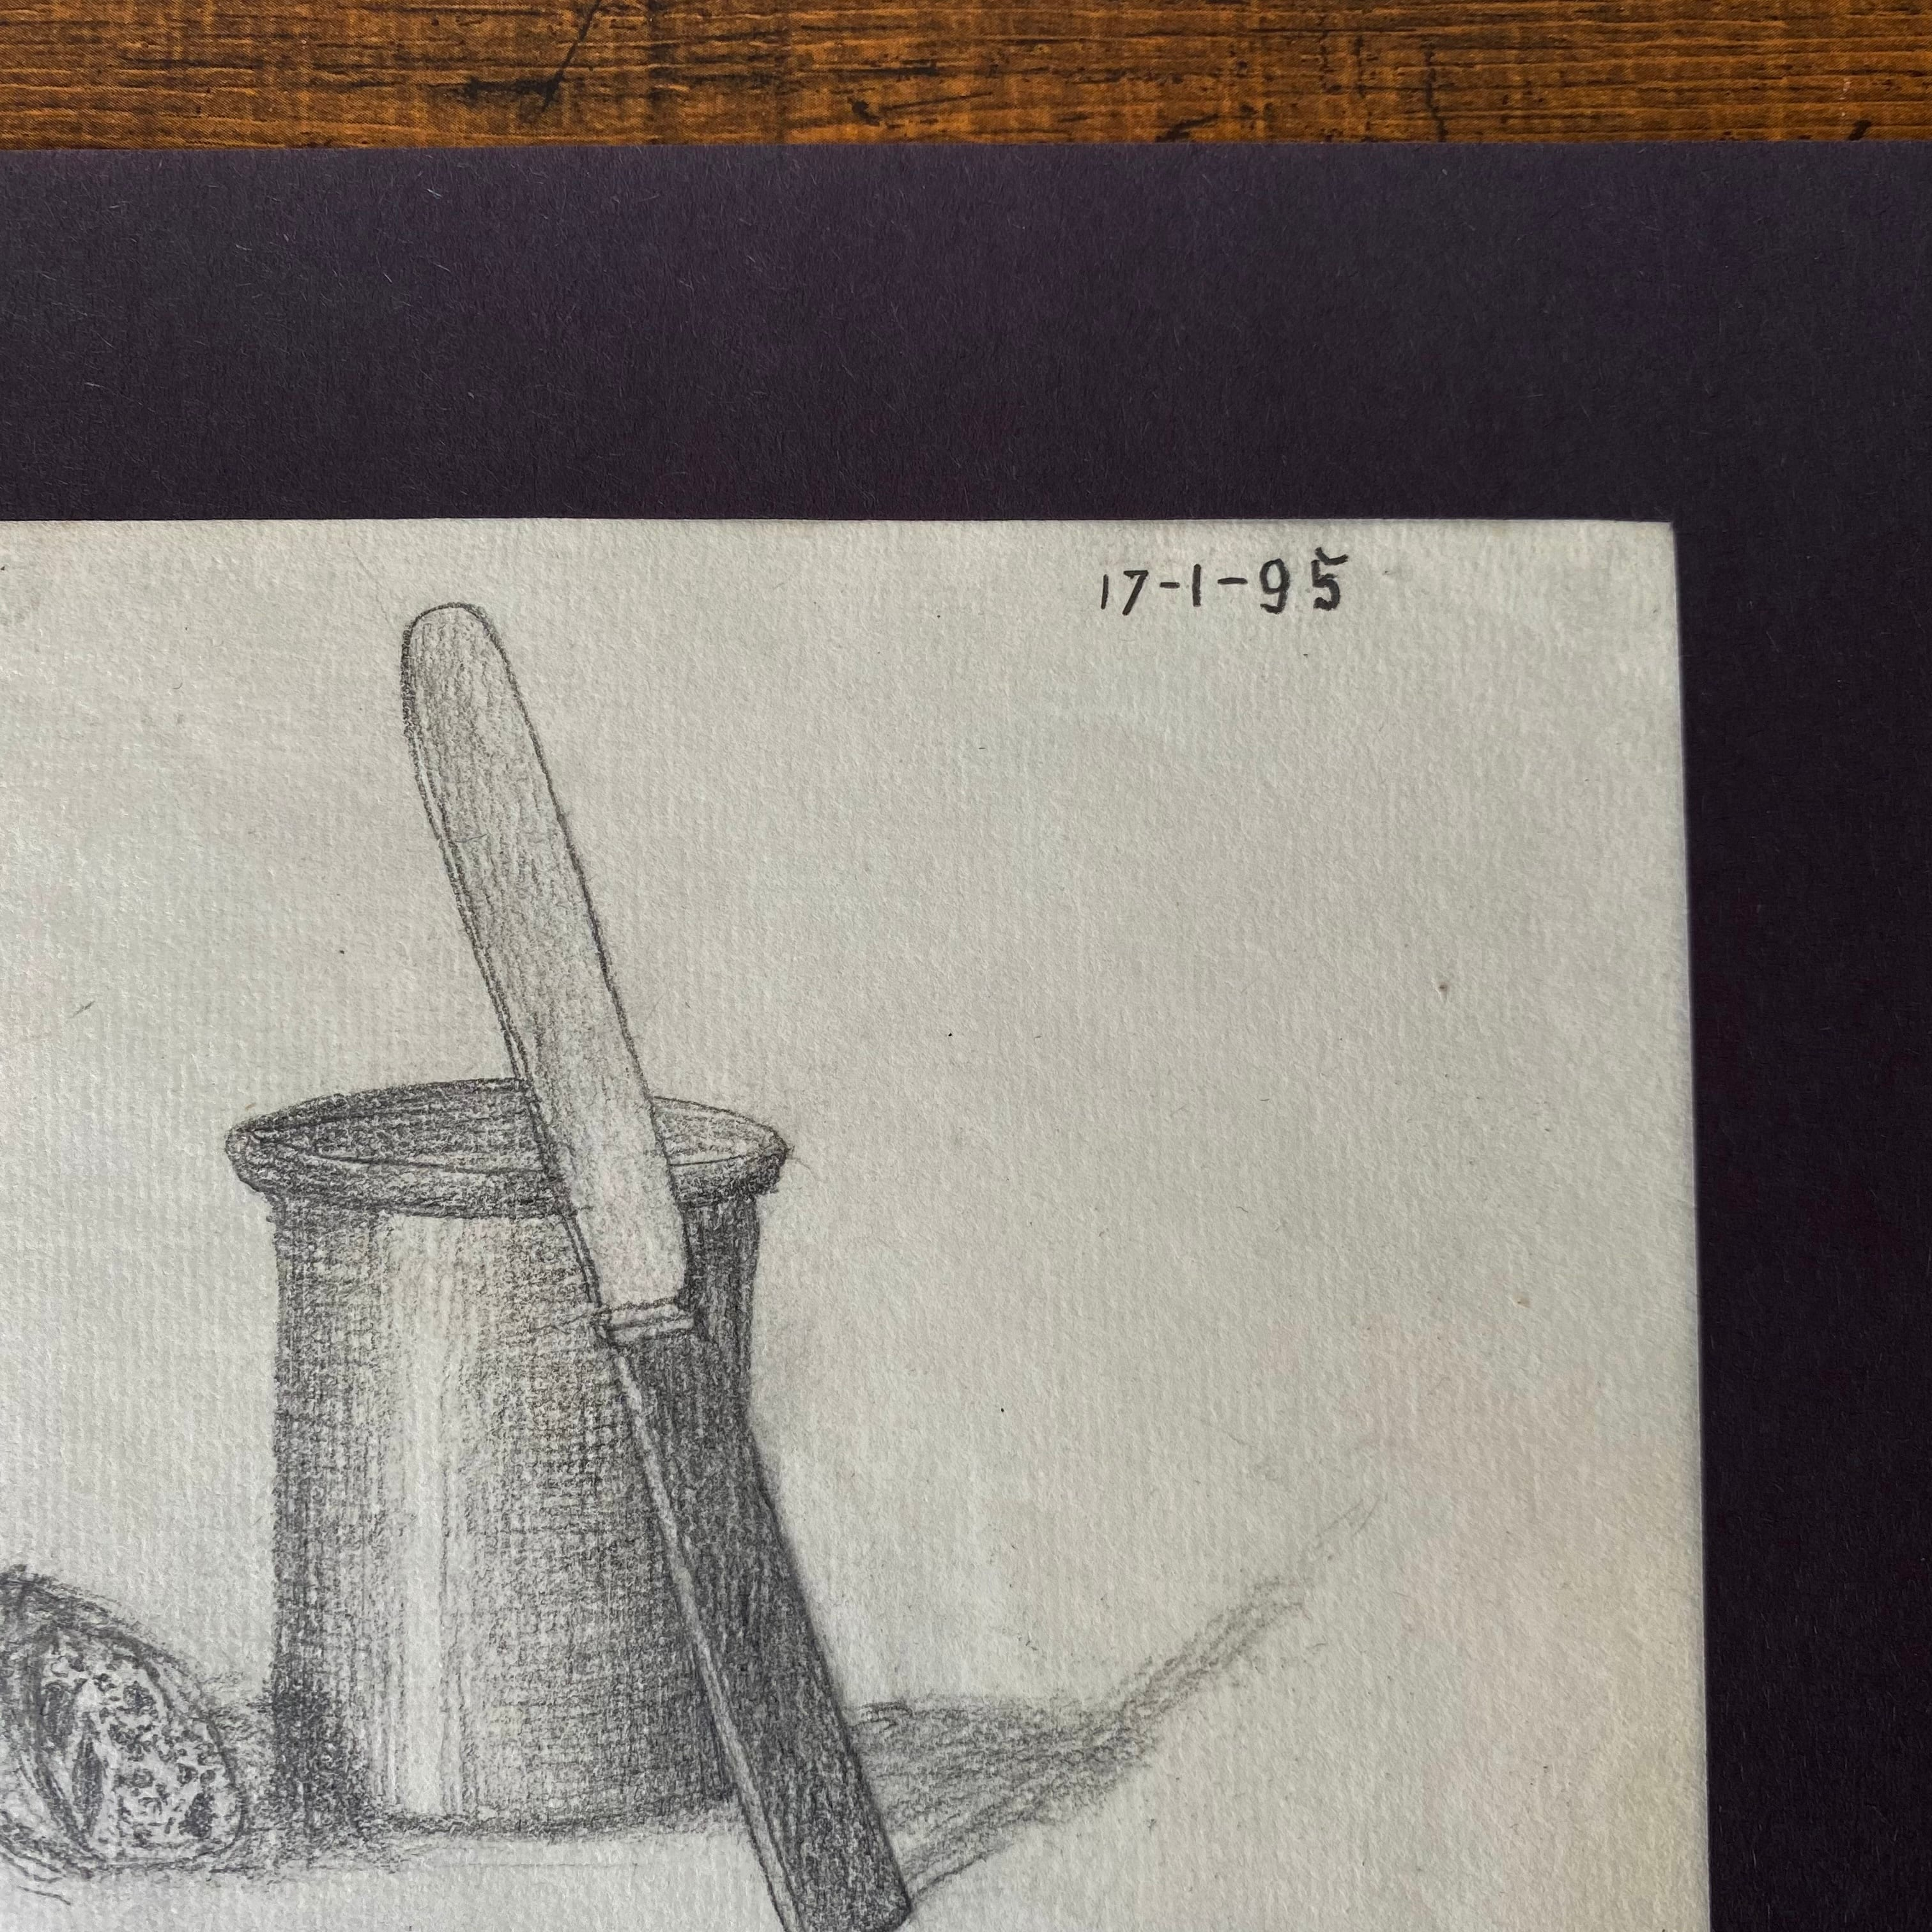 France デッサン ・パテポットとナイフ、そしてパン /  vp0254